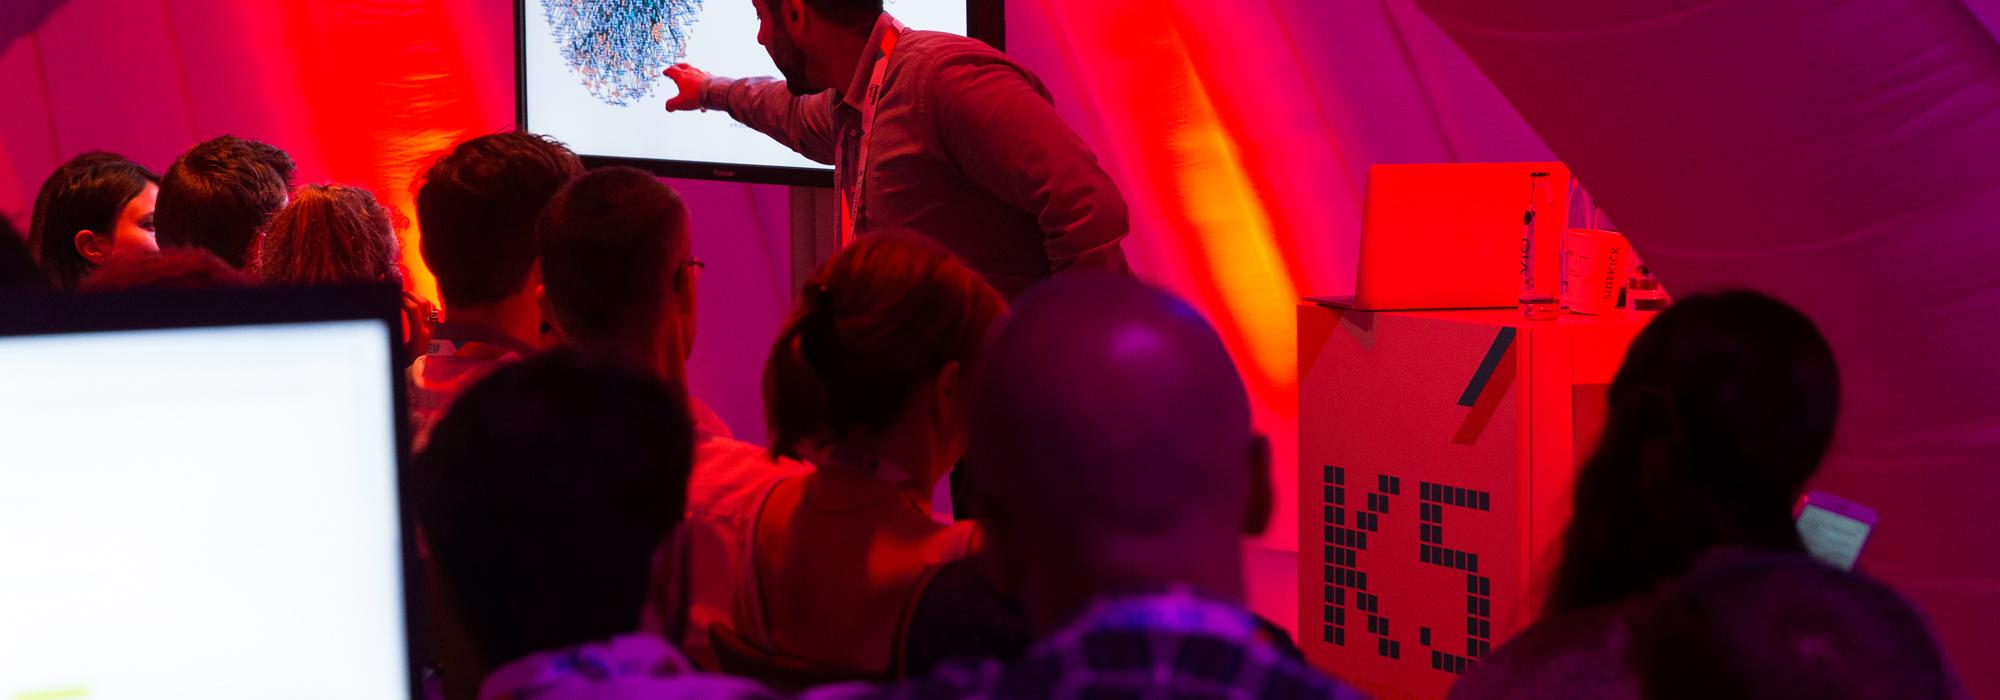 Vortrag vor Zuschauern